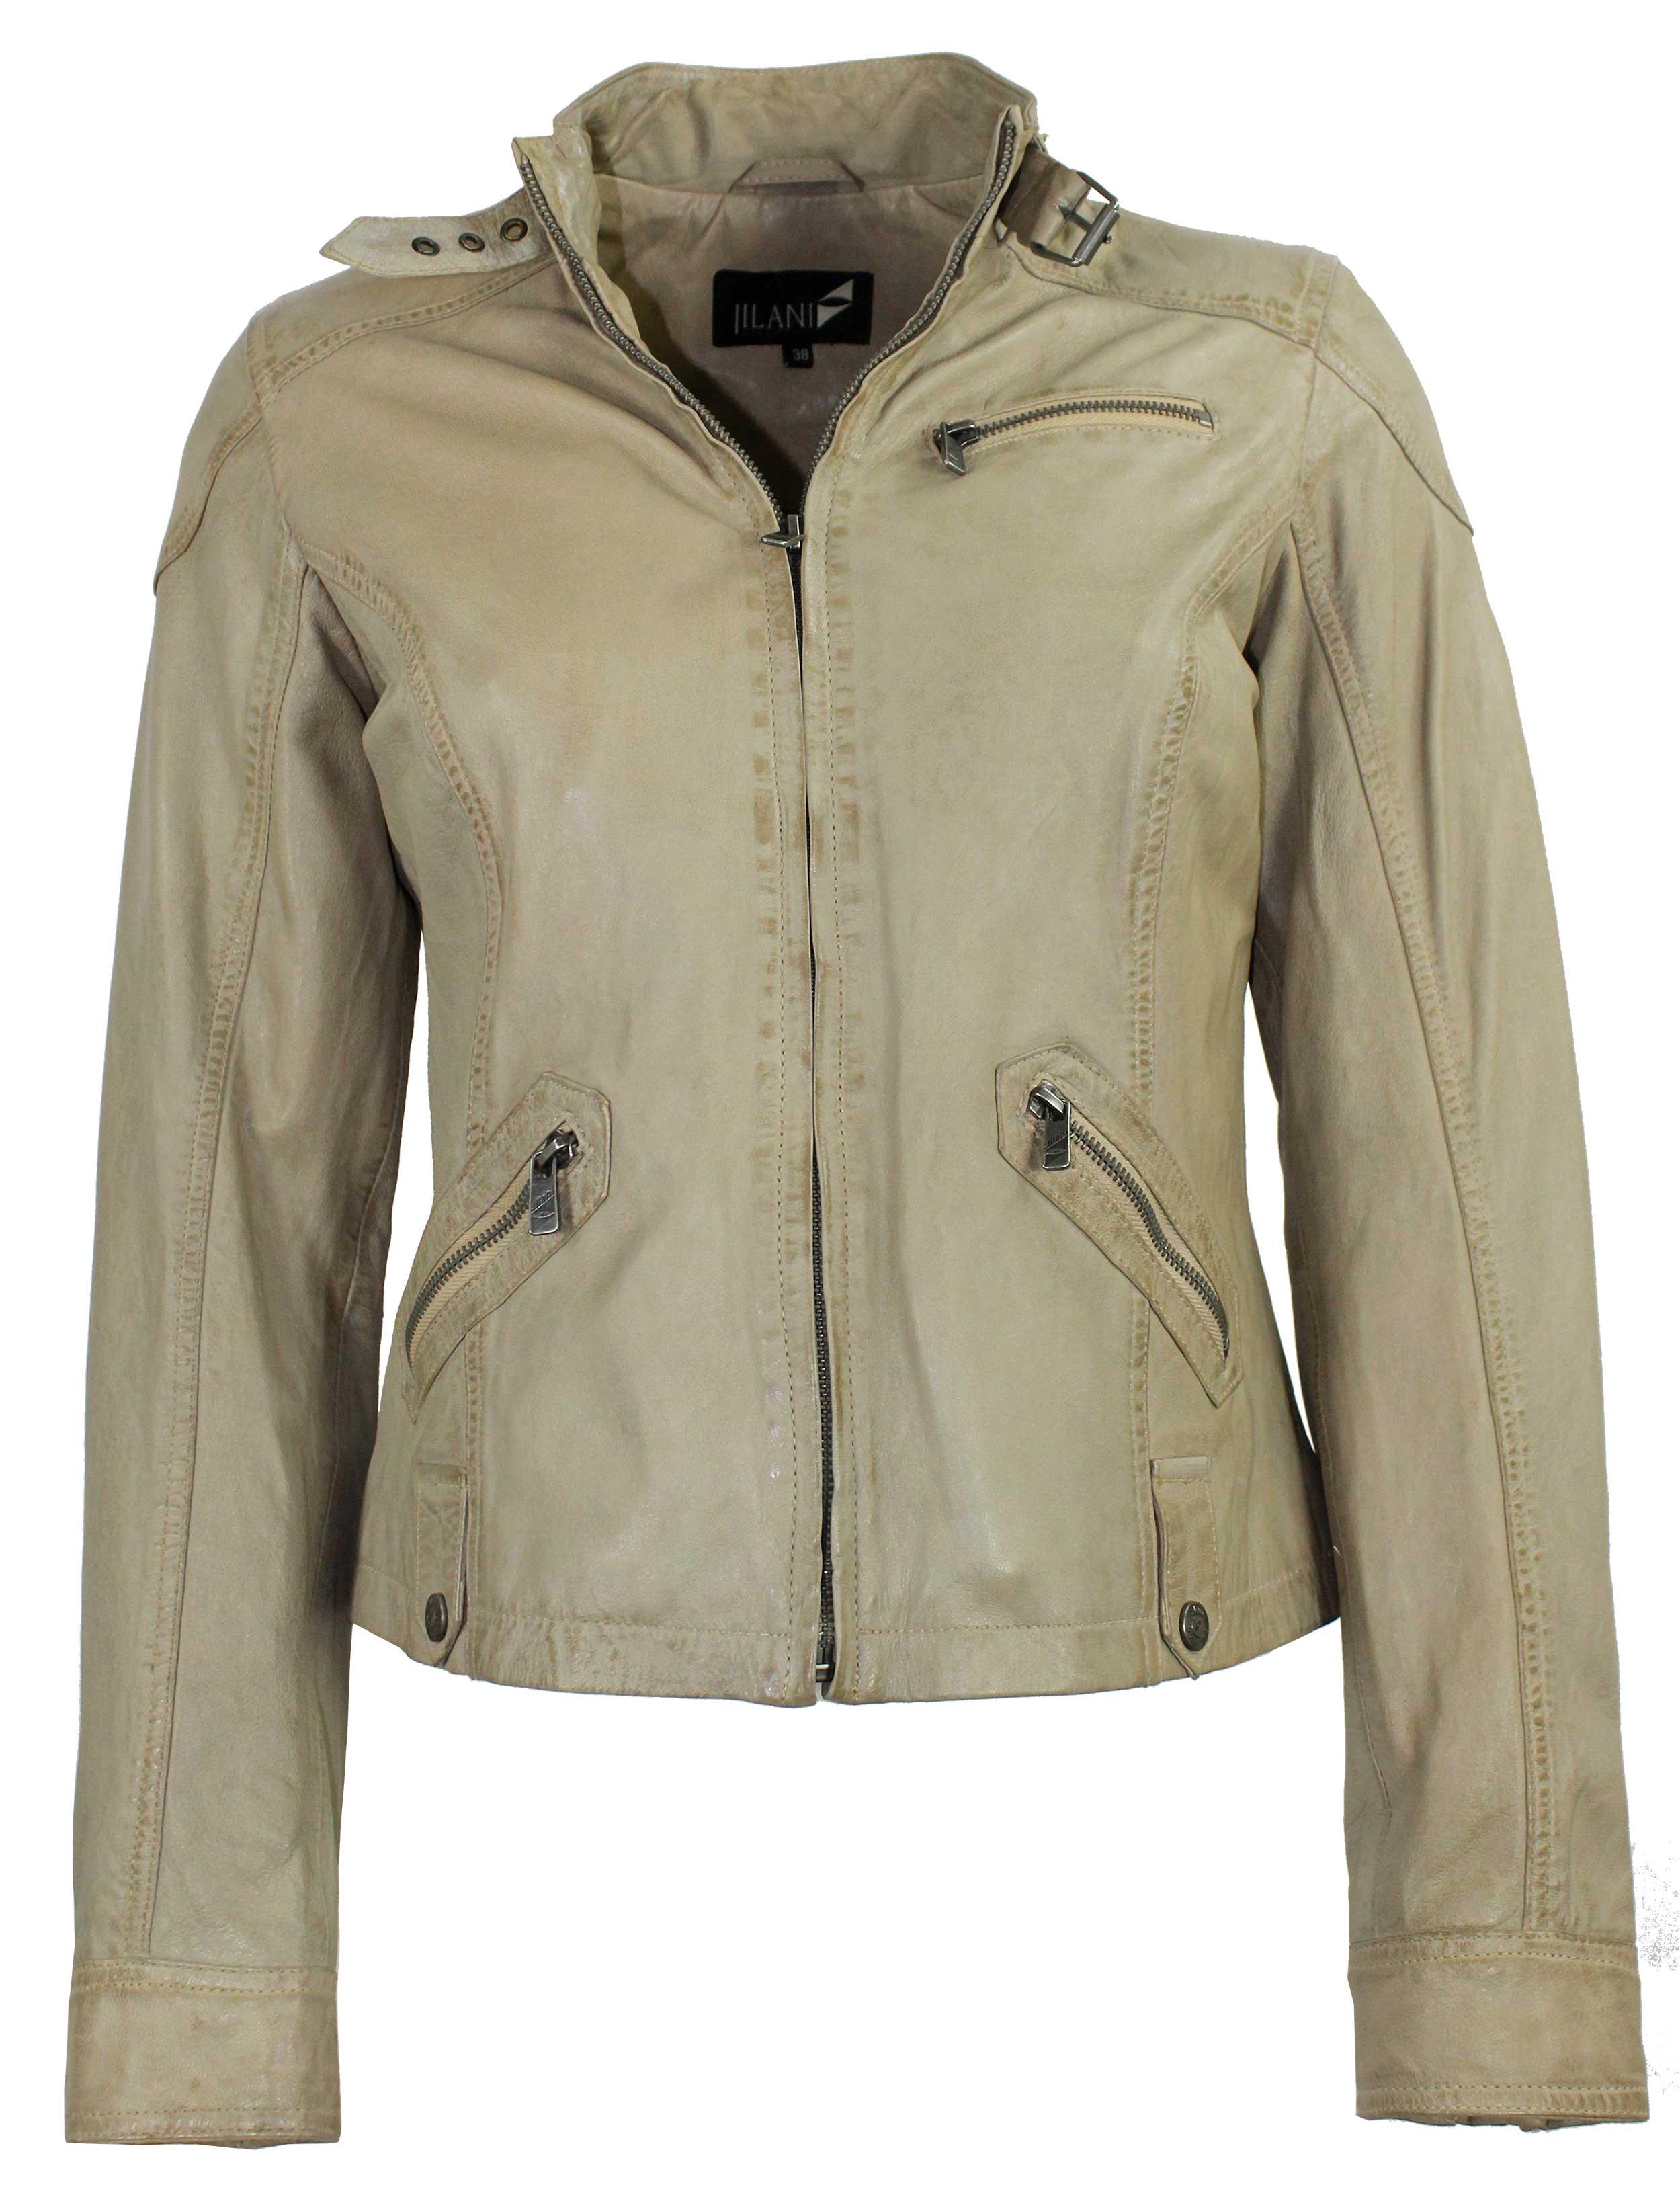 Jilani Damen Lederjacke Jacke Lammnappa beige Vintage | 99,95 EUR